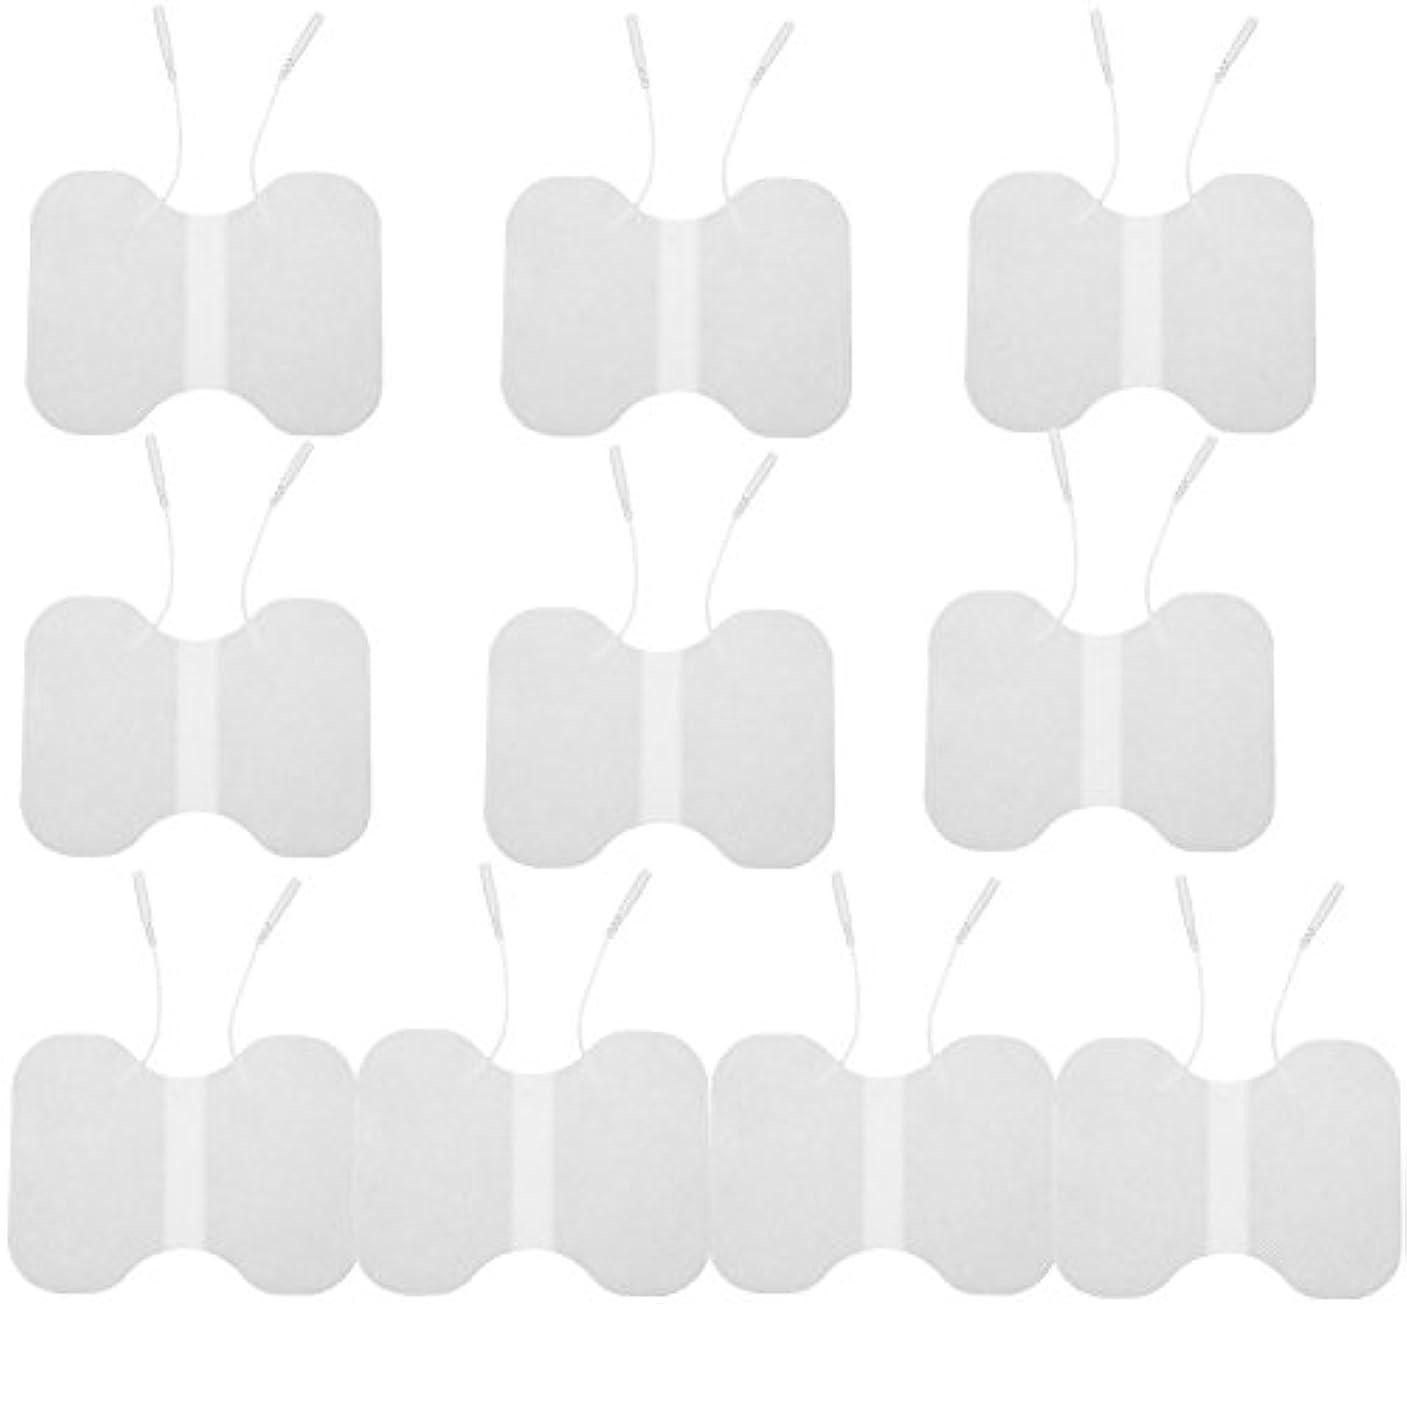 構造触手サミット電極パッド、1Pc再利用可能な自己接着性電極パッチが体内の循環を改善し代謝を促進する効果